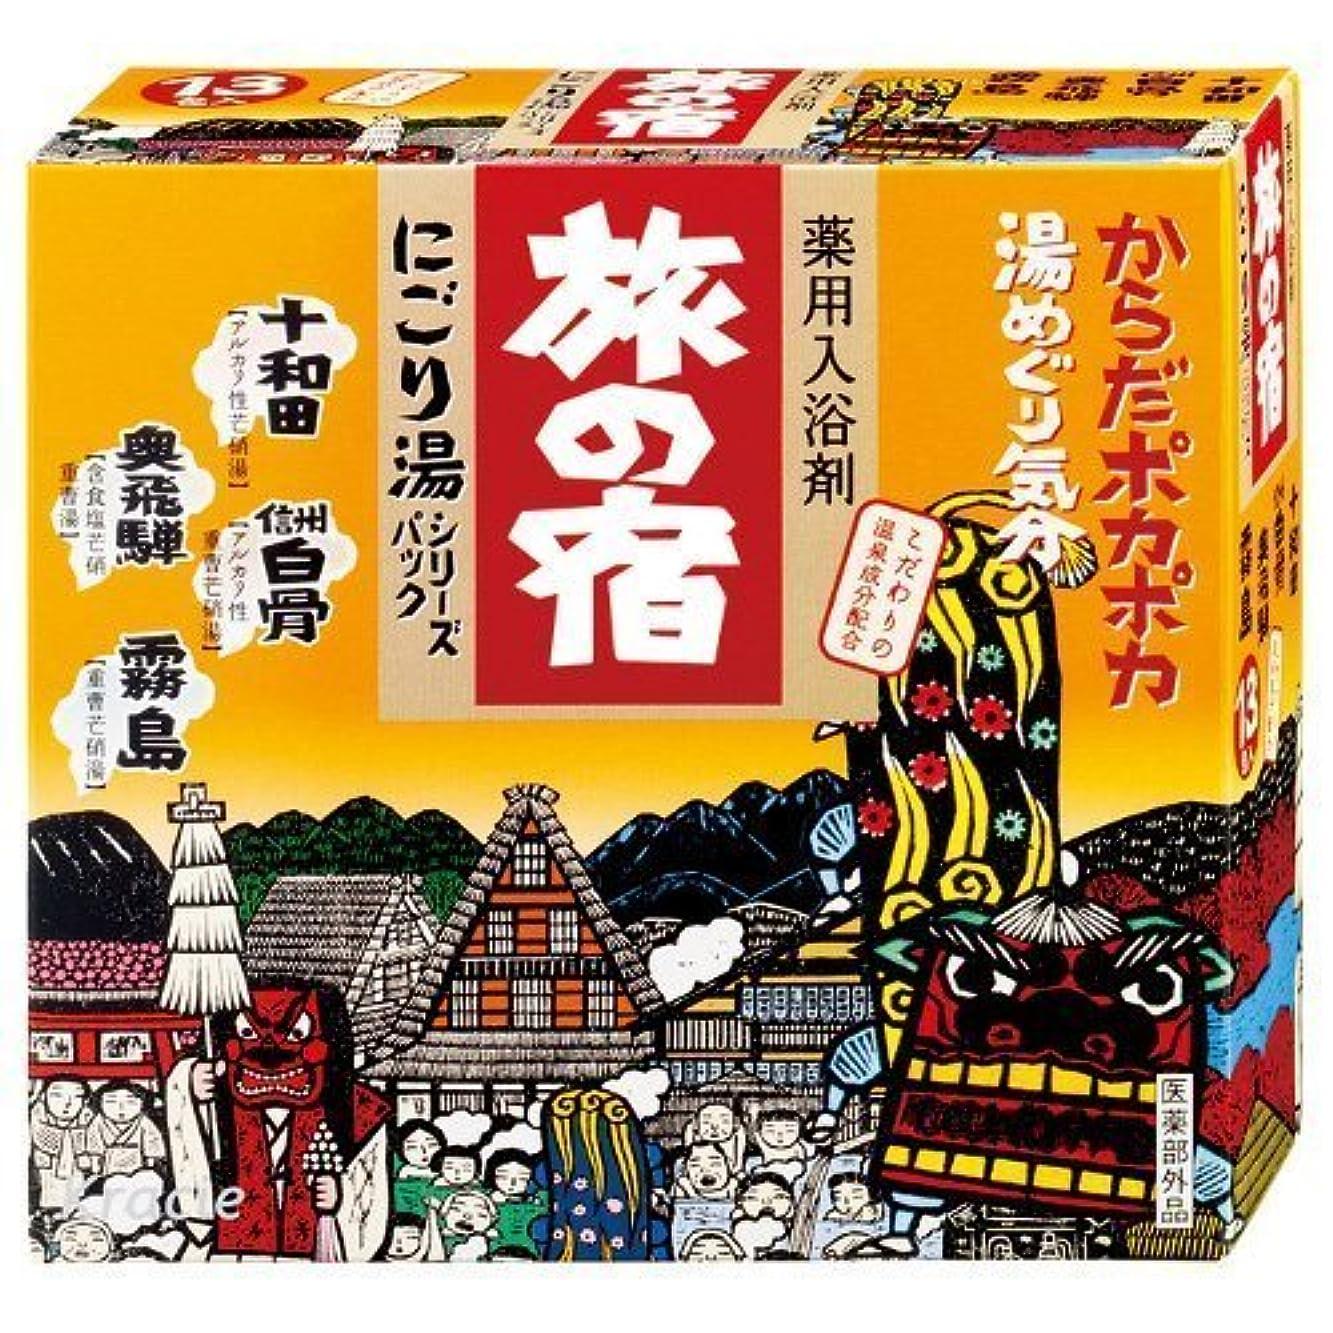 【クラシエ】旅の宿 にごり湯シリーズパック 13H ×10個セット